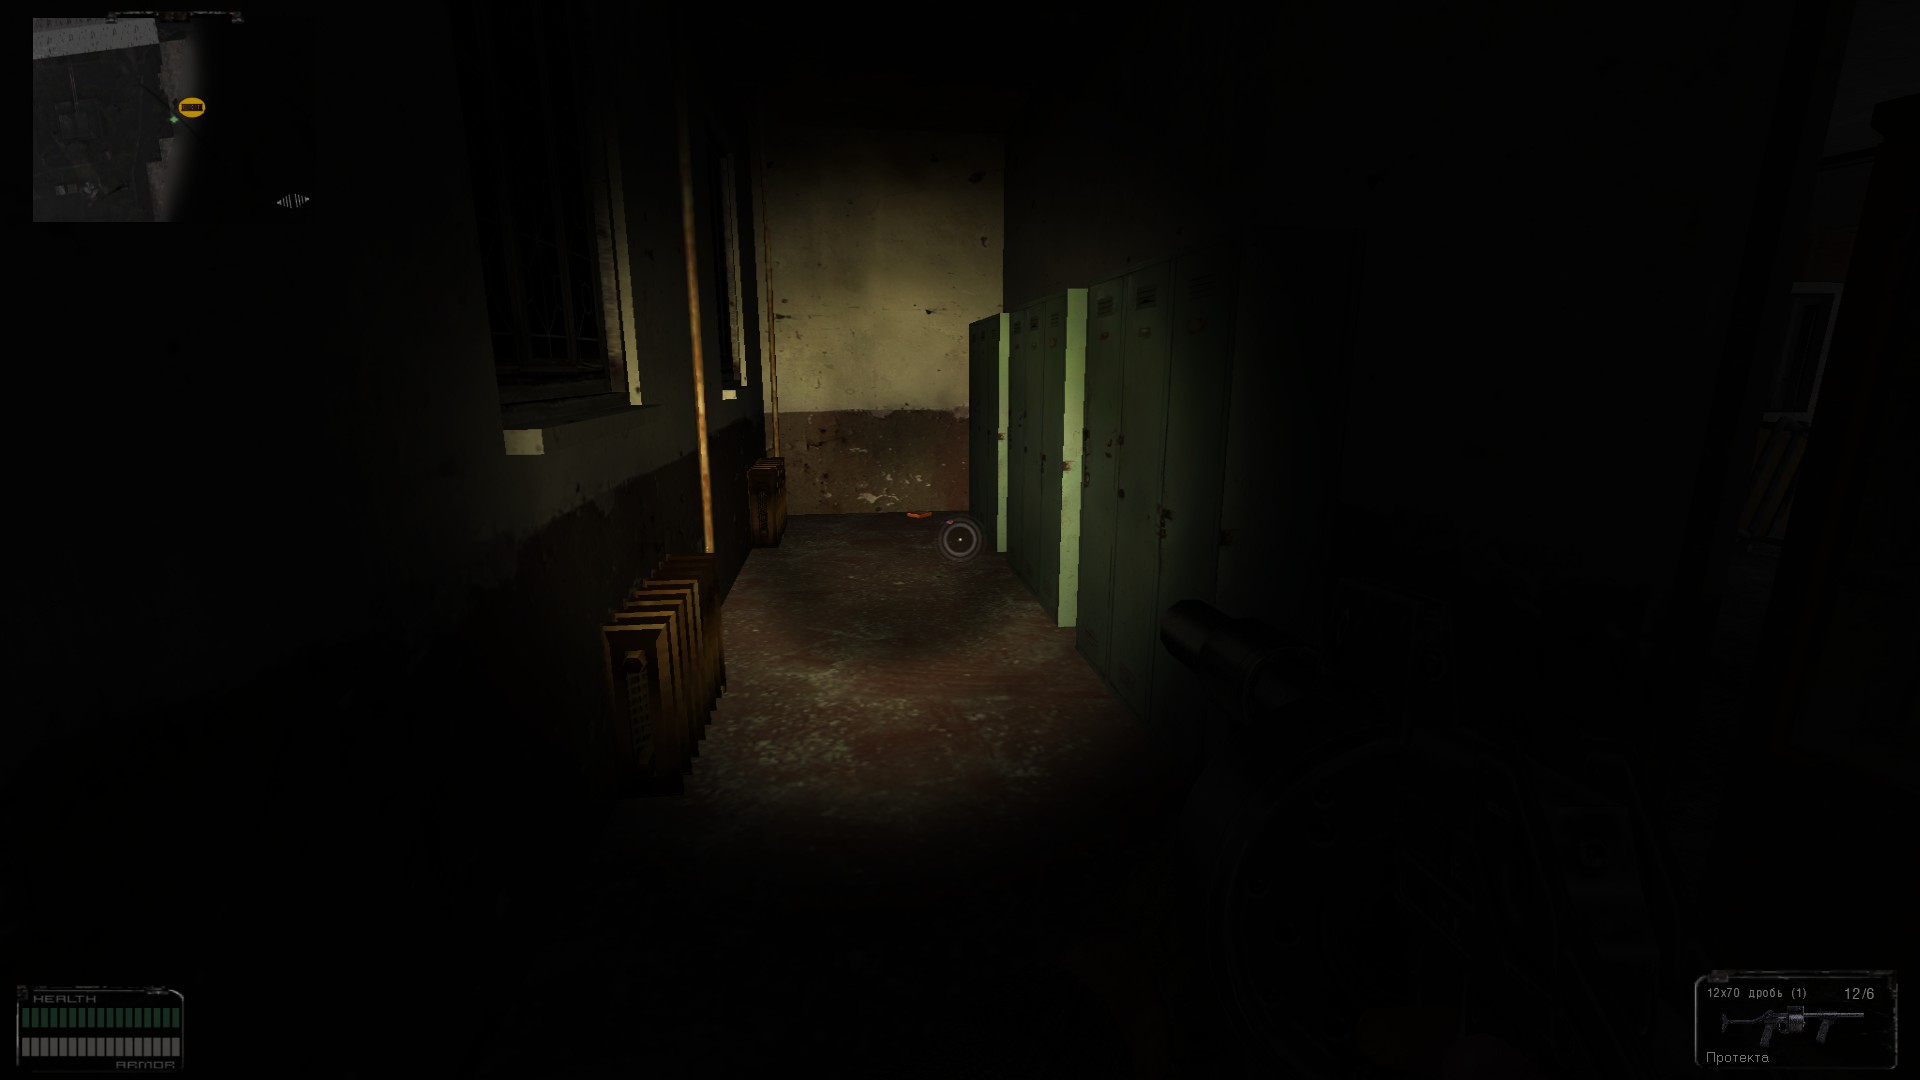 Oblivion Lost Remake 2.5 image 195